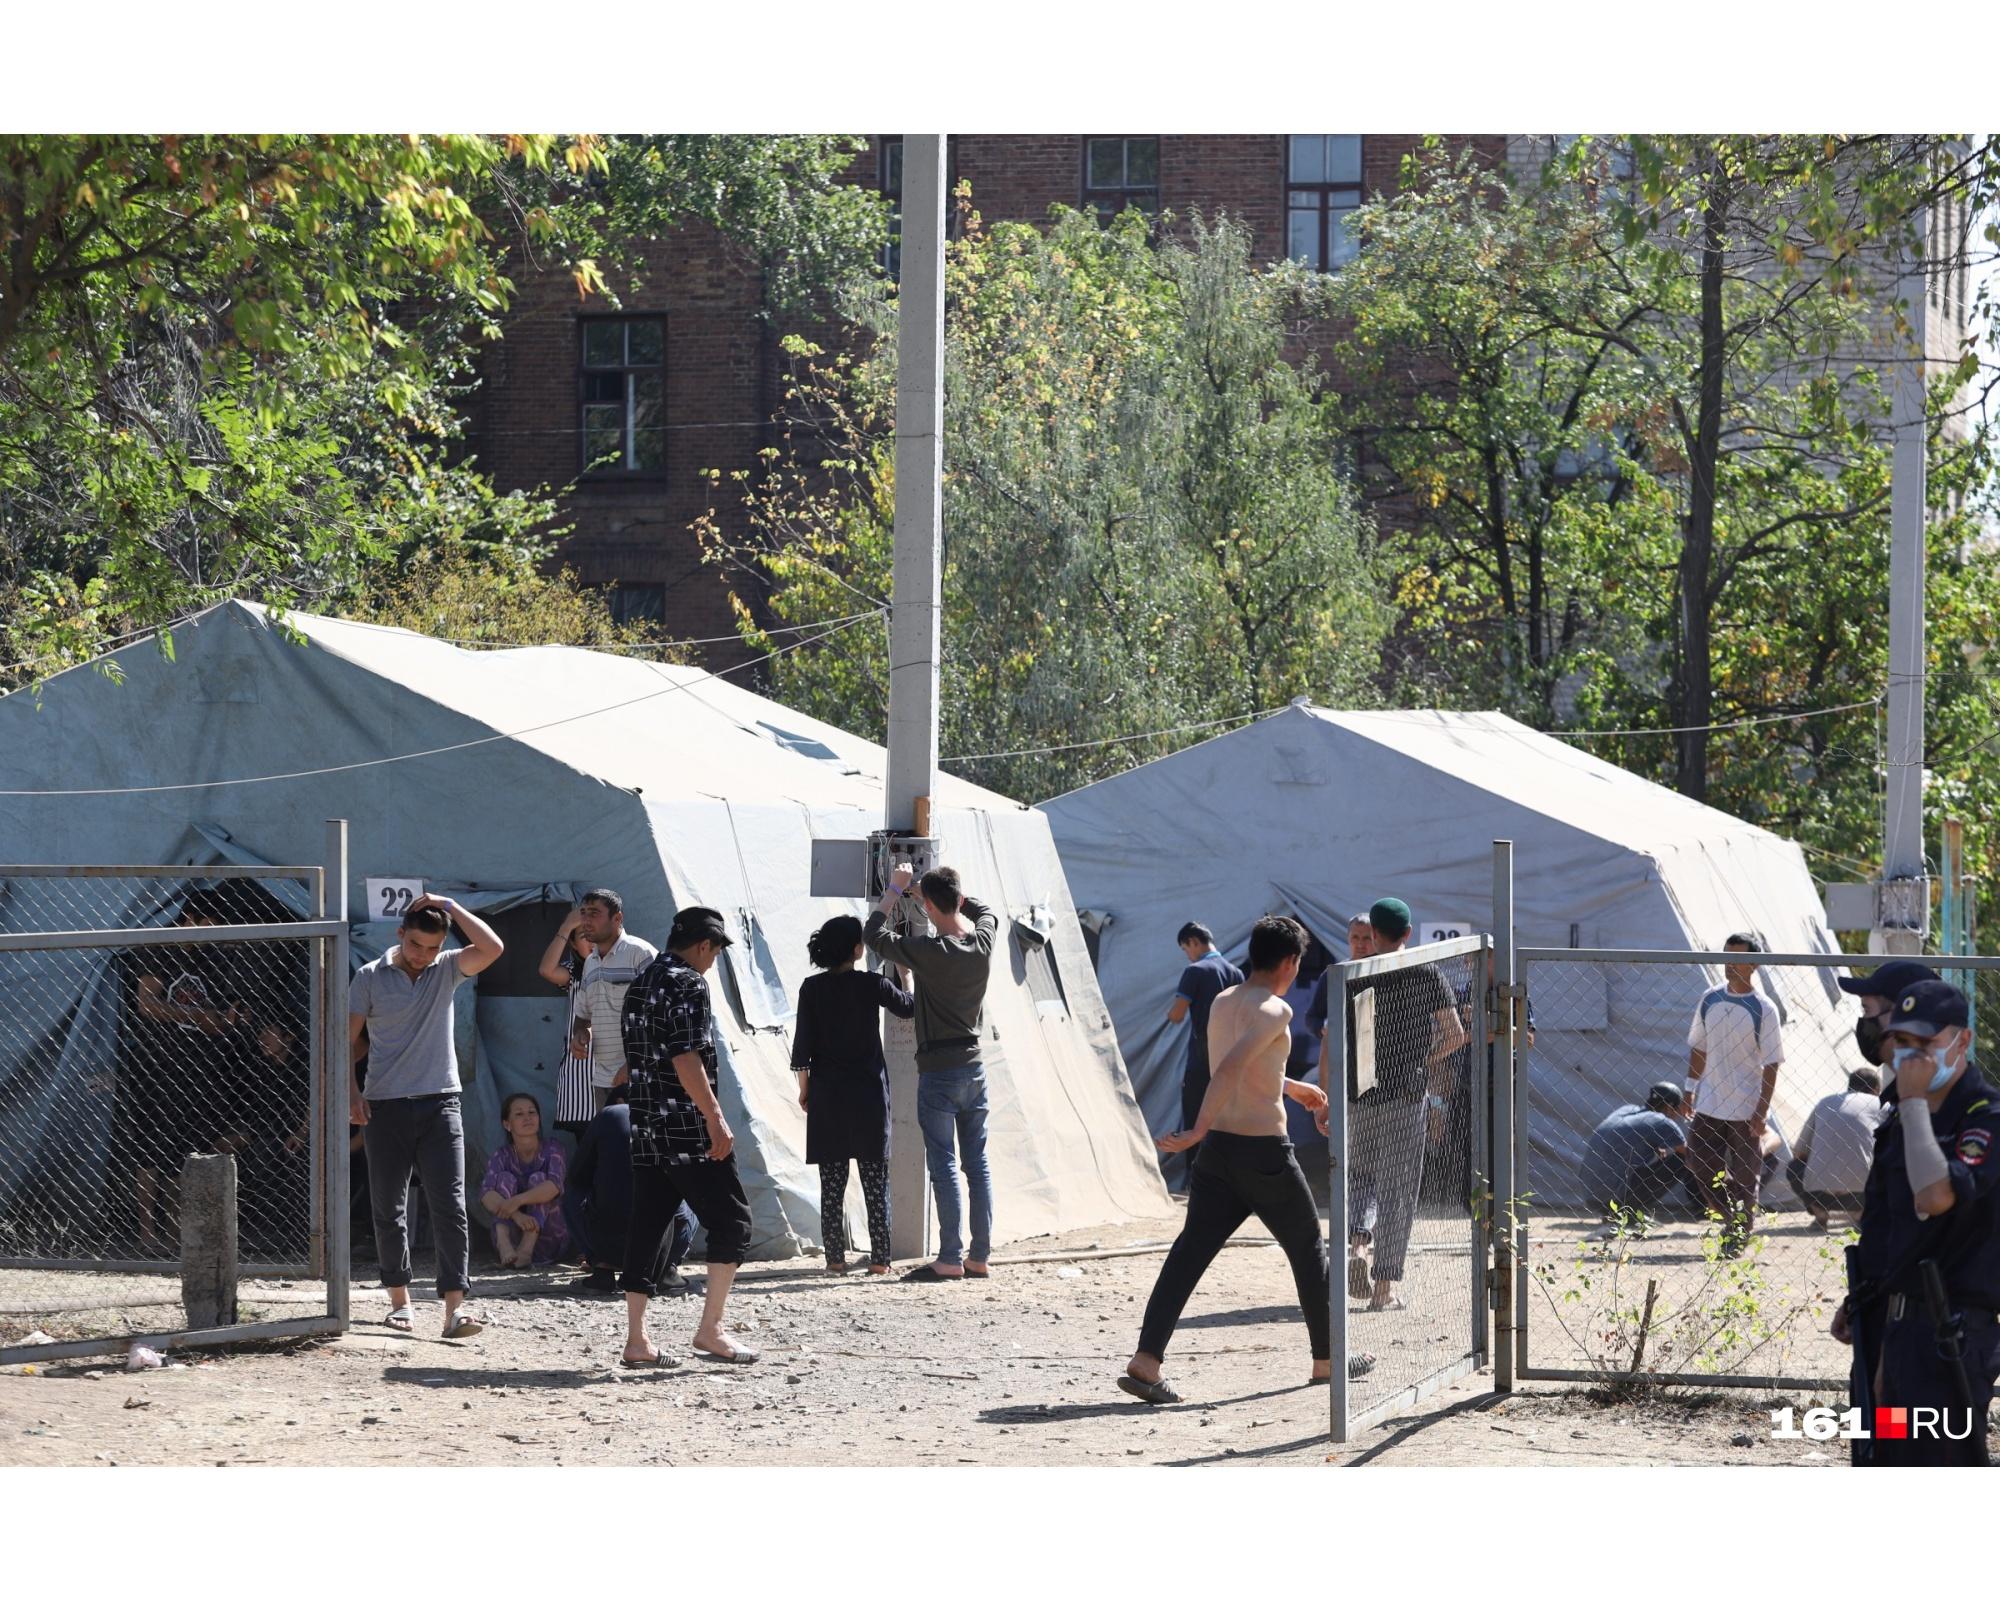 Наших журналистов не пустили на территорию официального лагеря